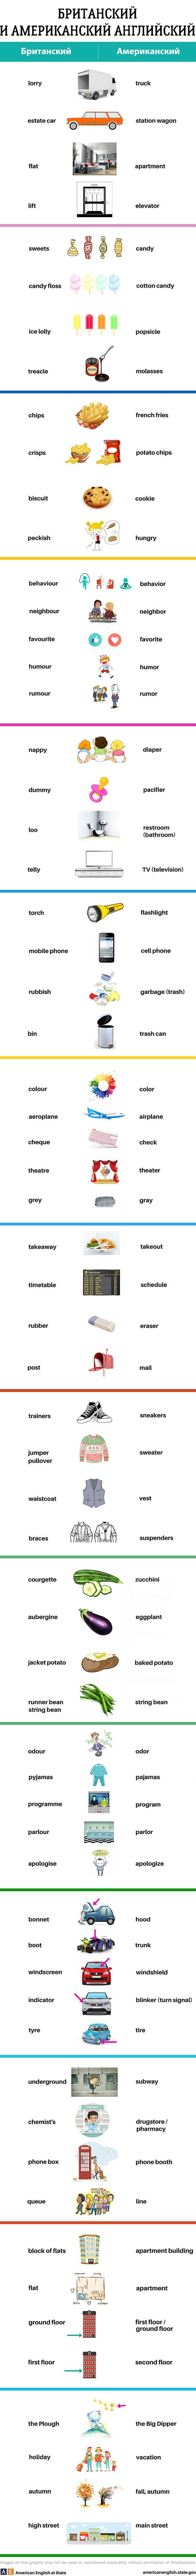 Различия британского иамериканского английского